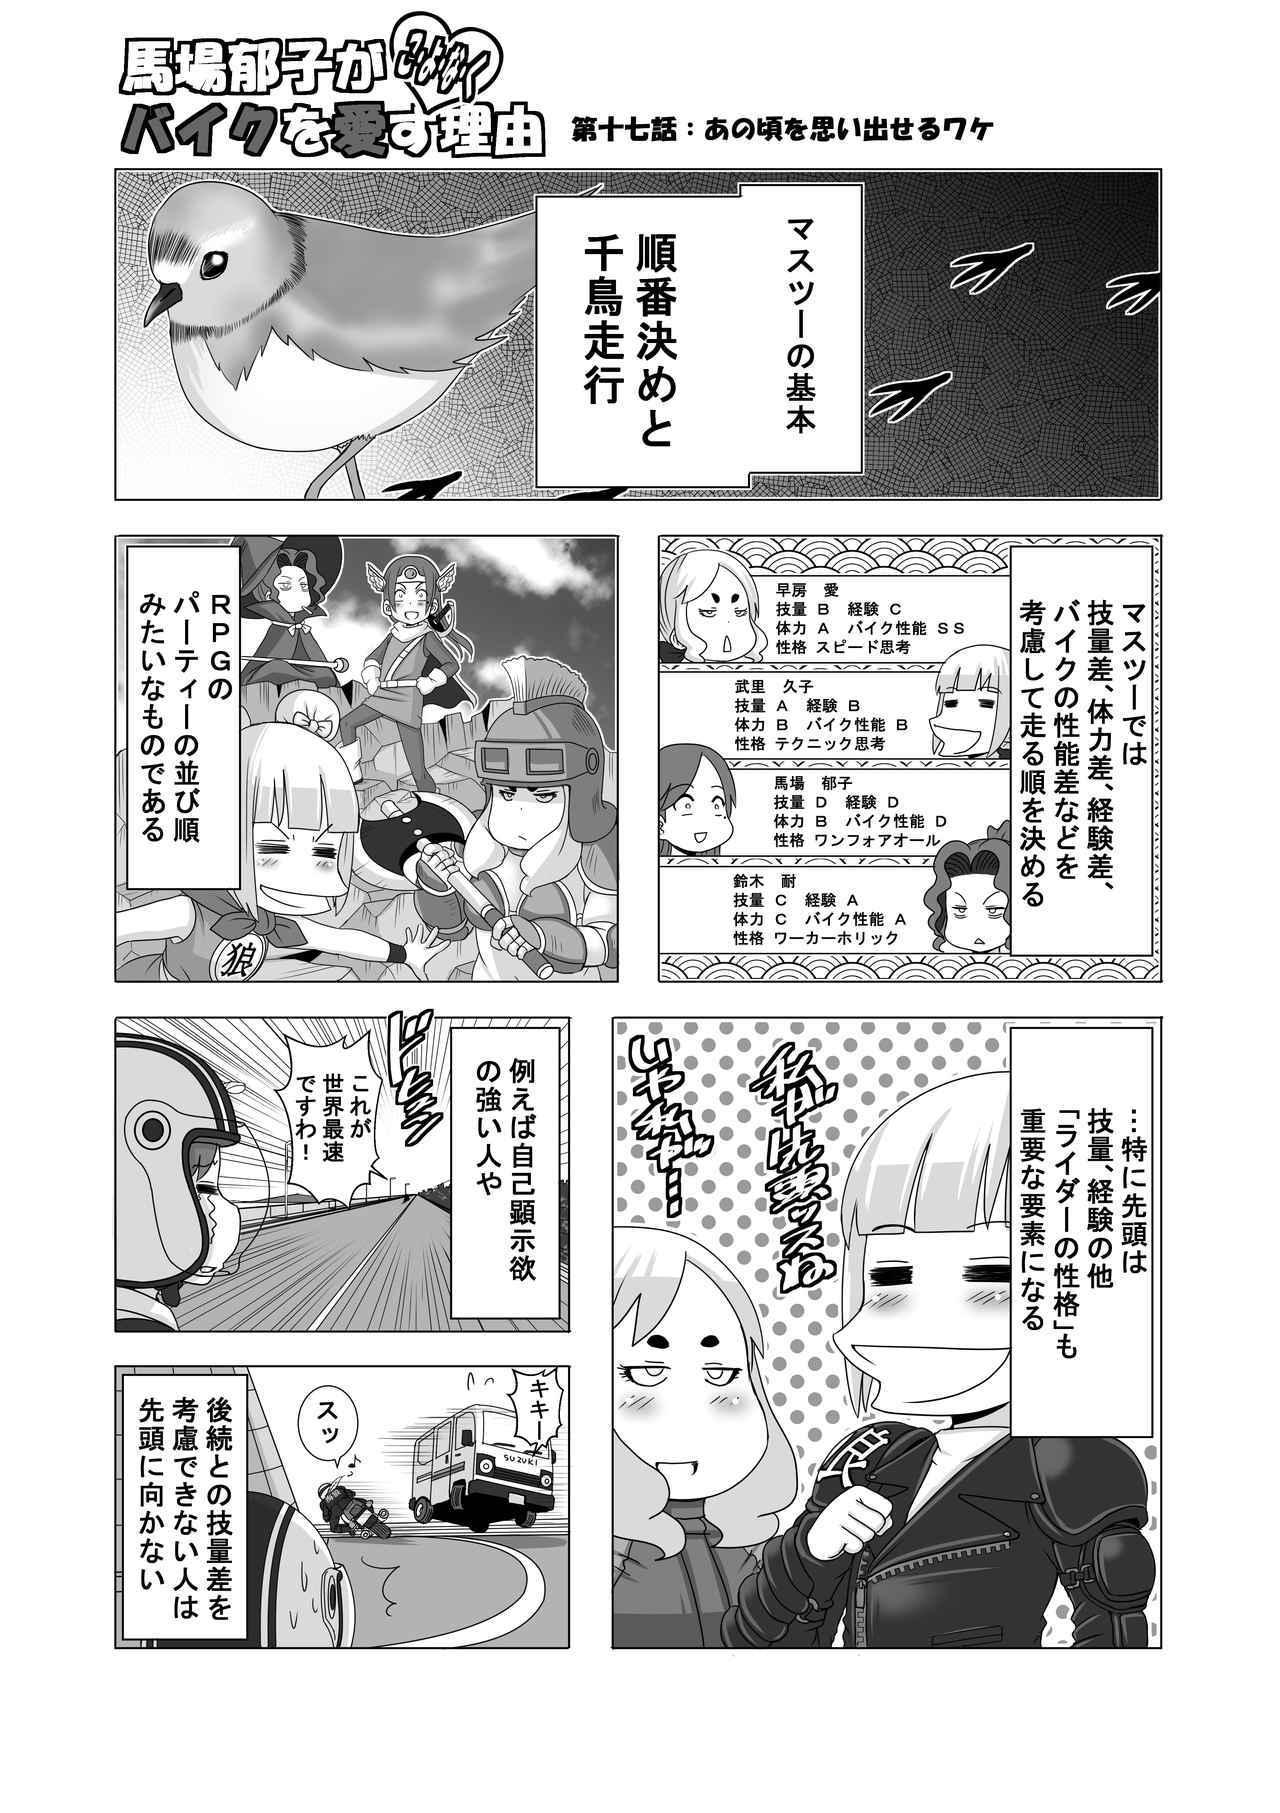 画像1: 【連載】馬場郁子がこよなくバイクを愛す理由(第十七話:あの頃を思い出せるワケ)作:鈴木秀吉